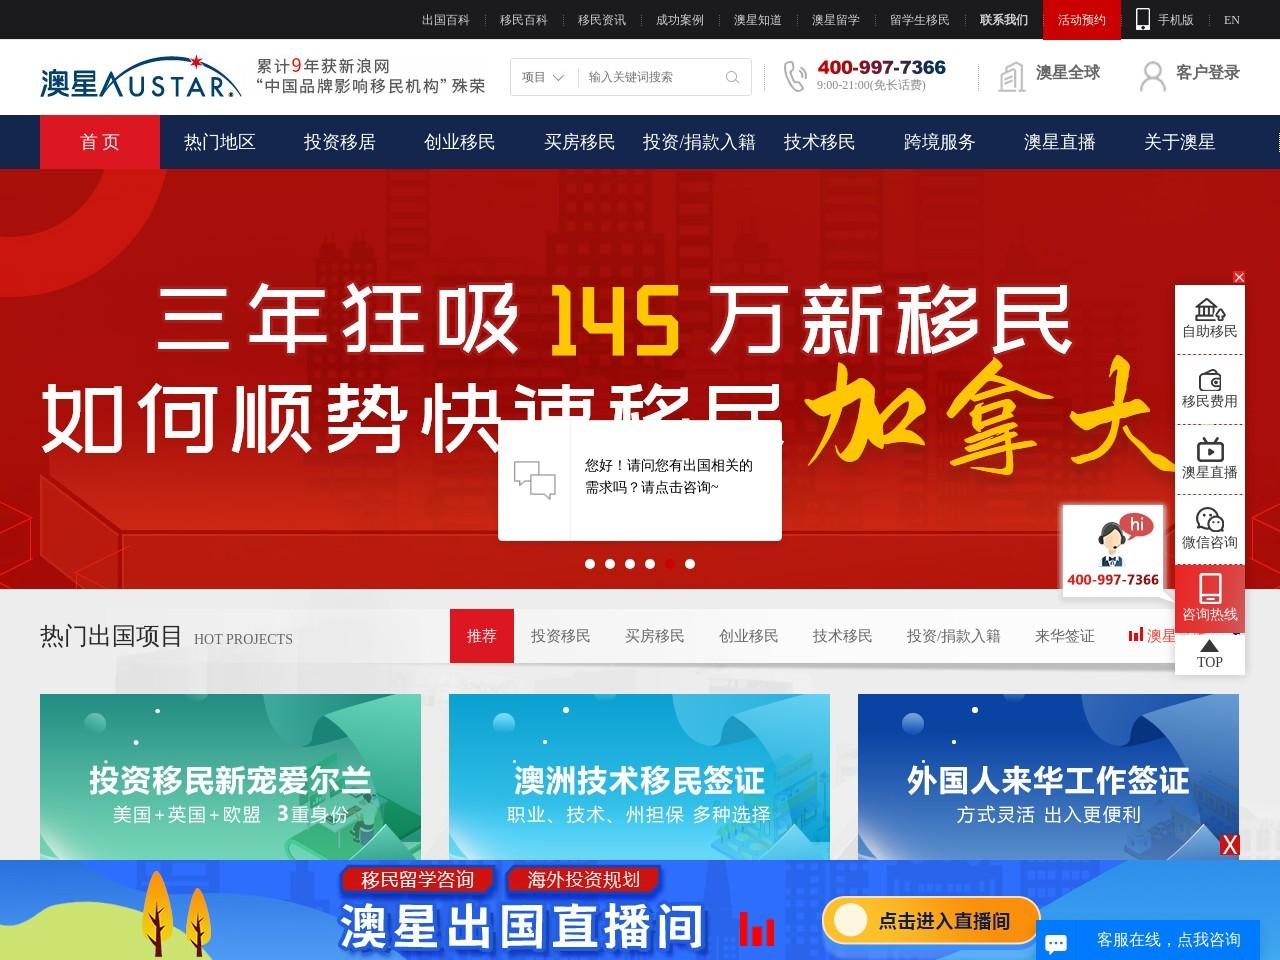 澳星移民:移民旗艦品牌截圖